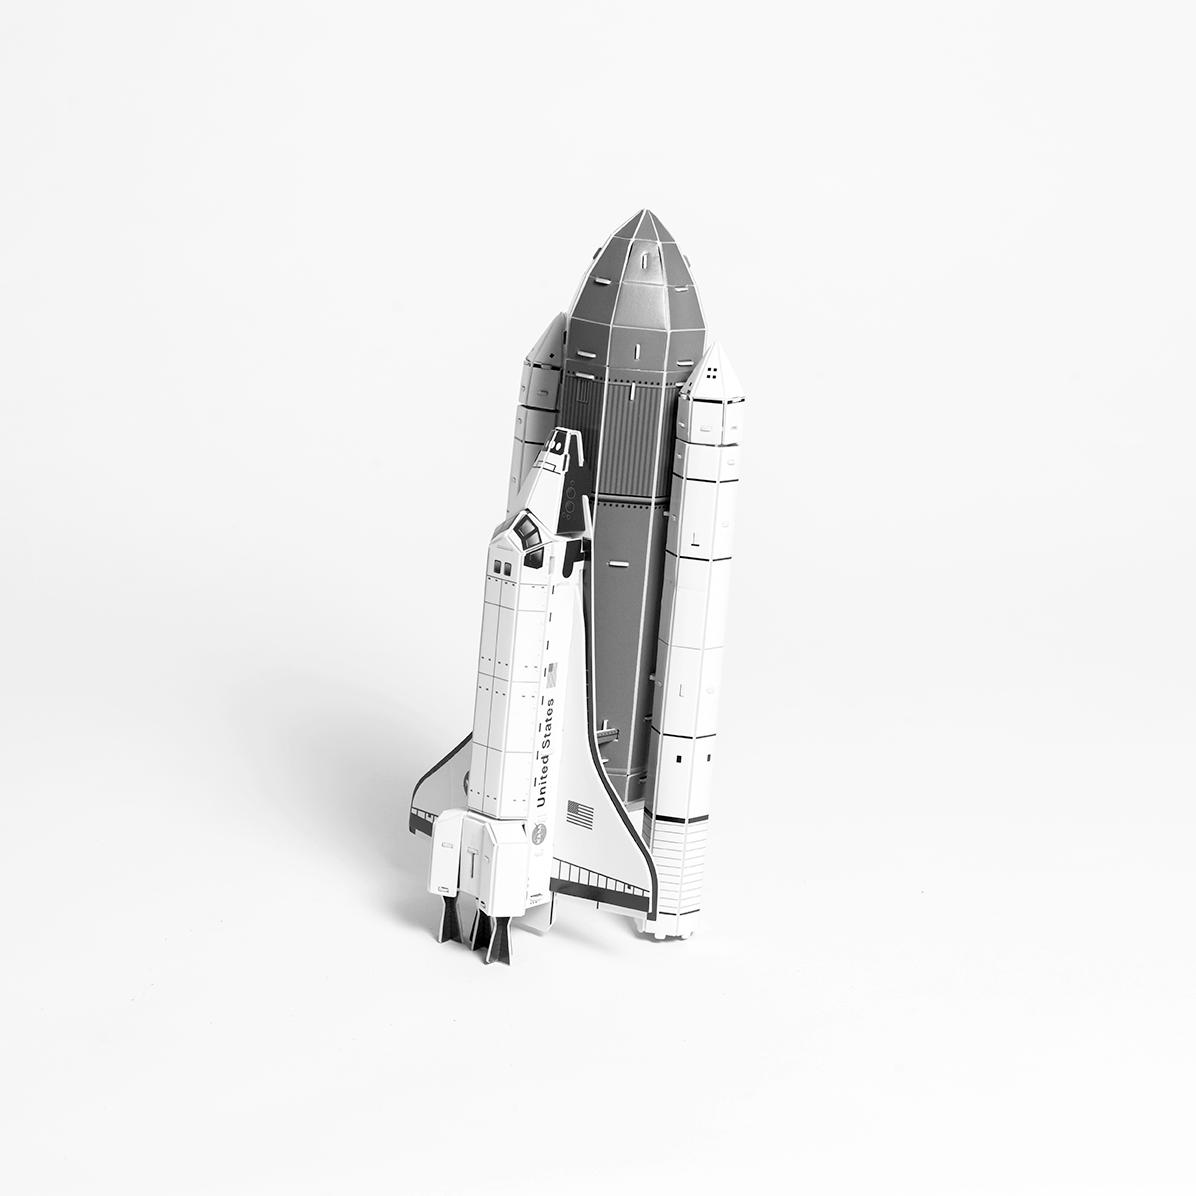 spaceship copy.jpg